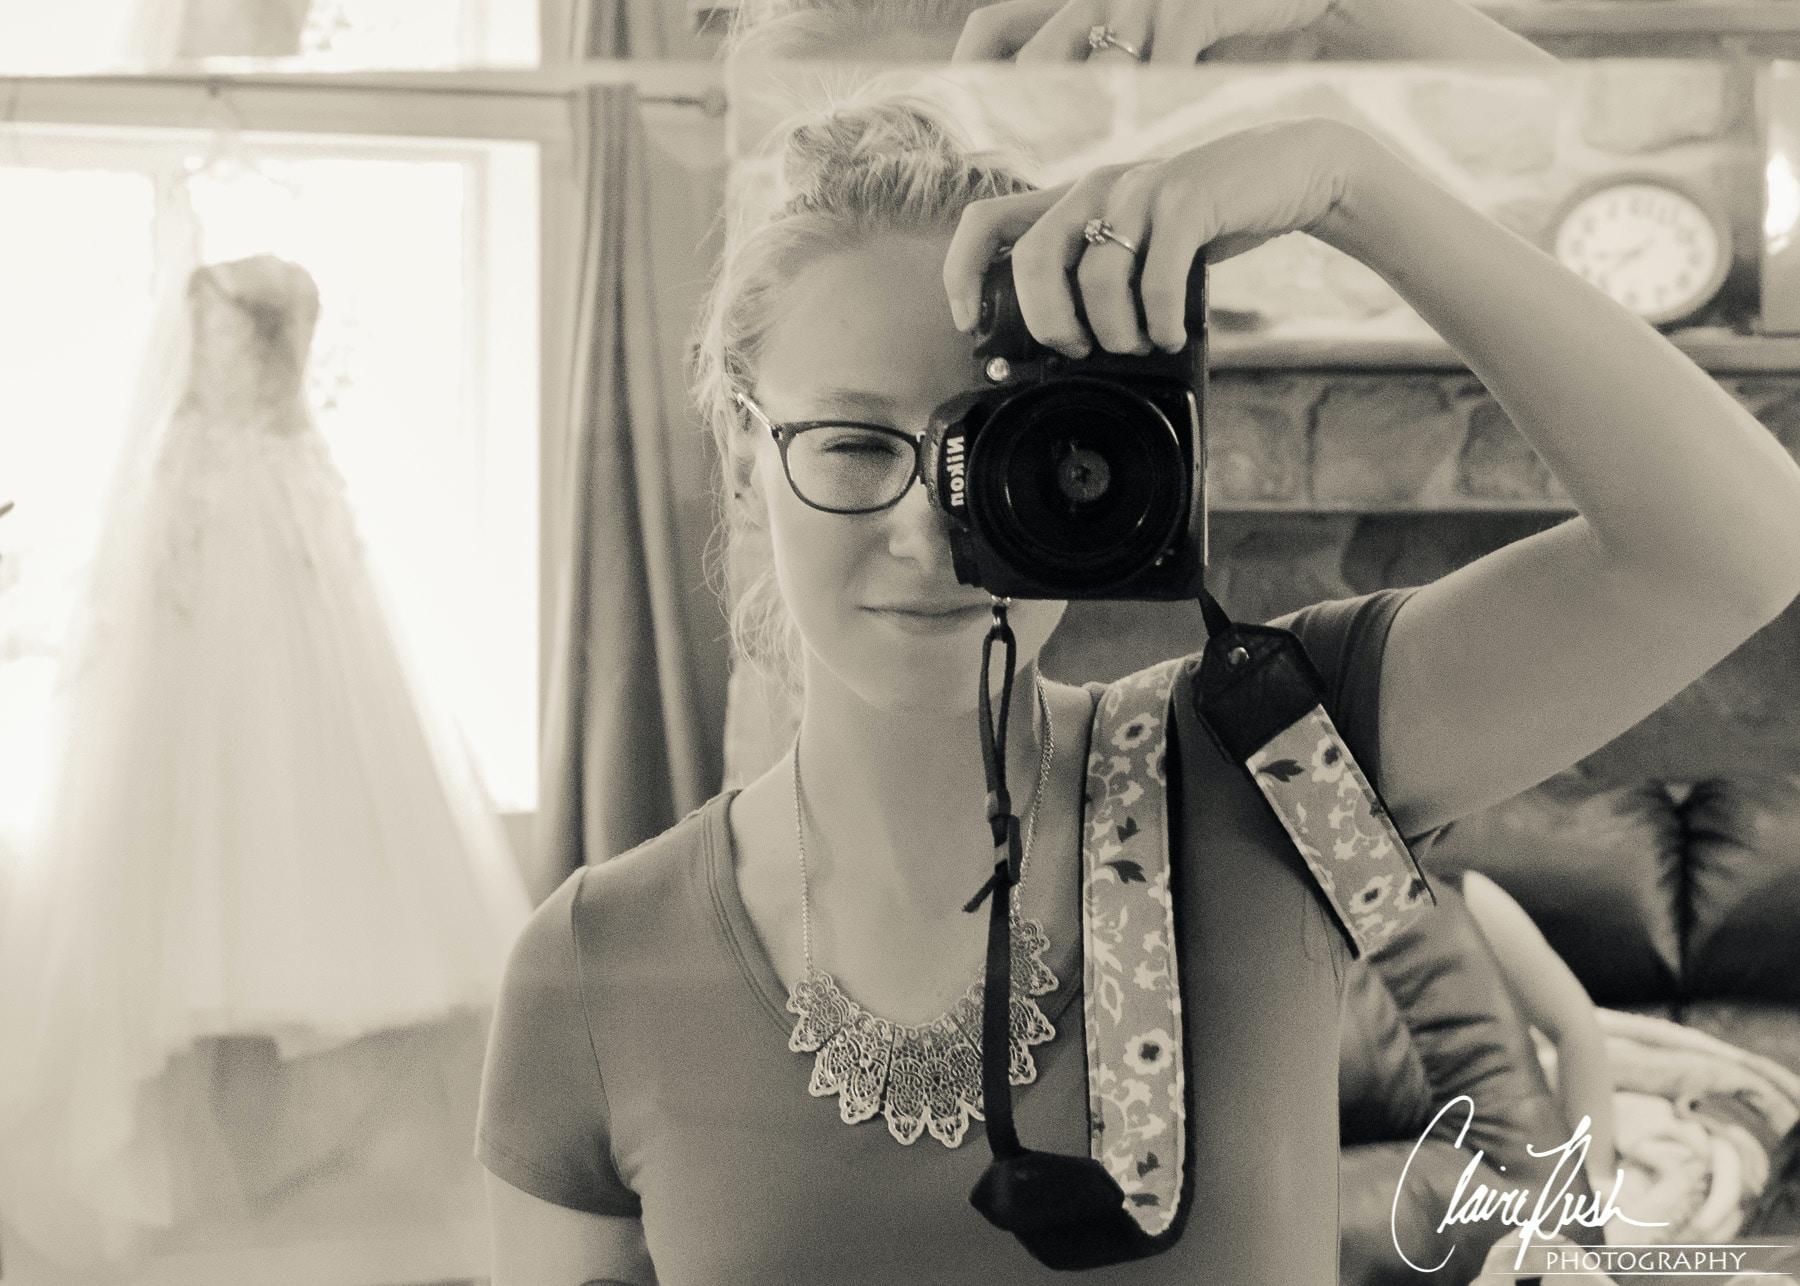 Go to Claire Rush's profile